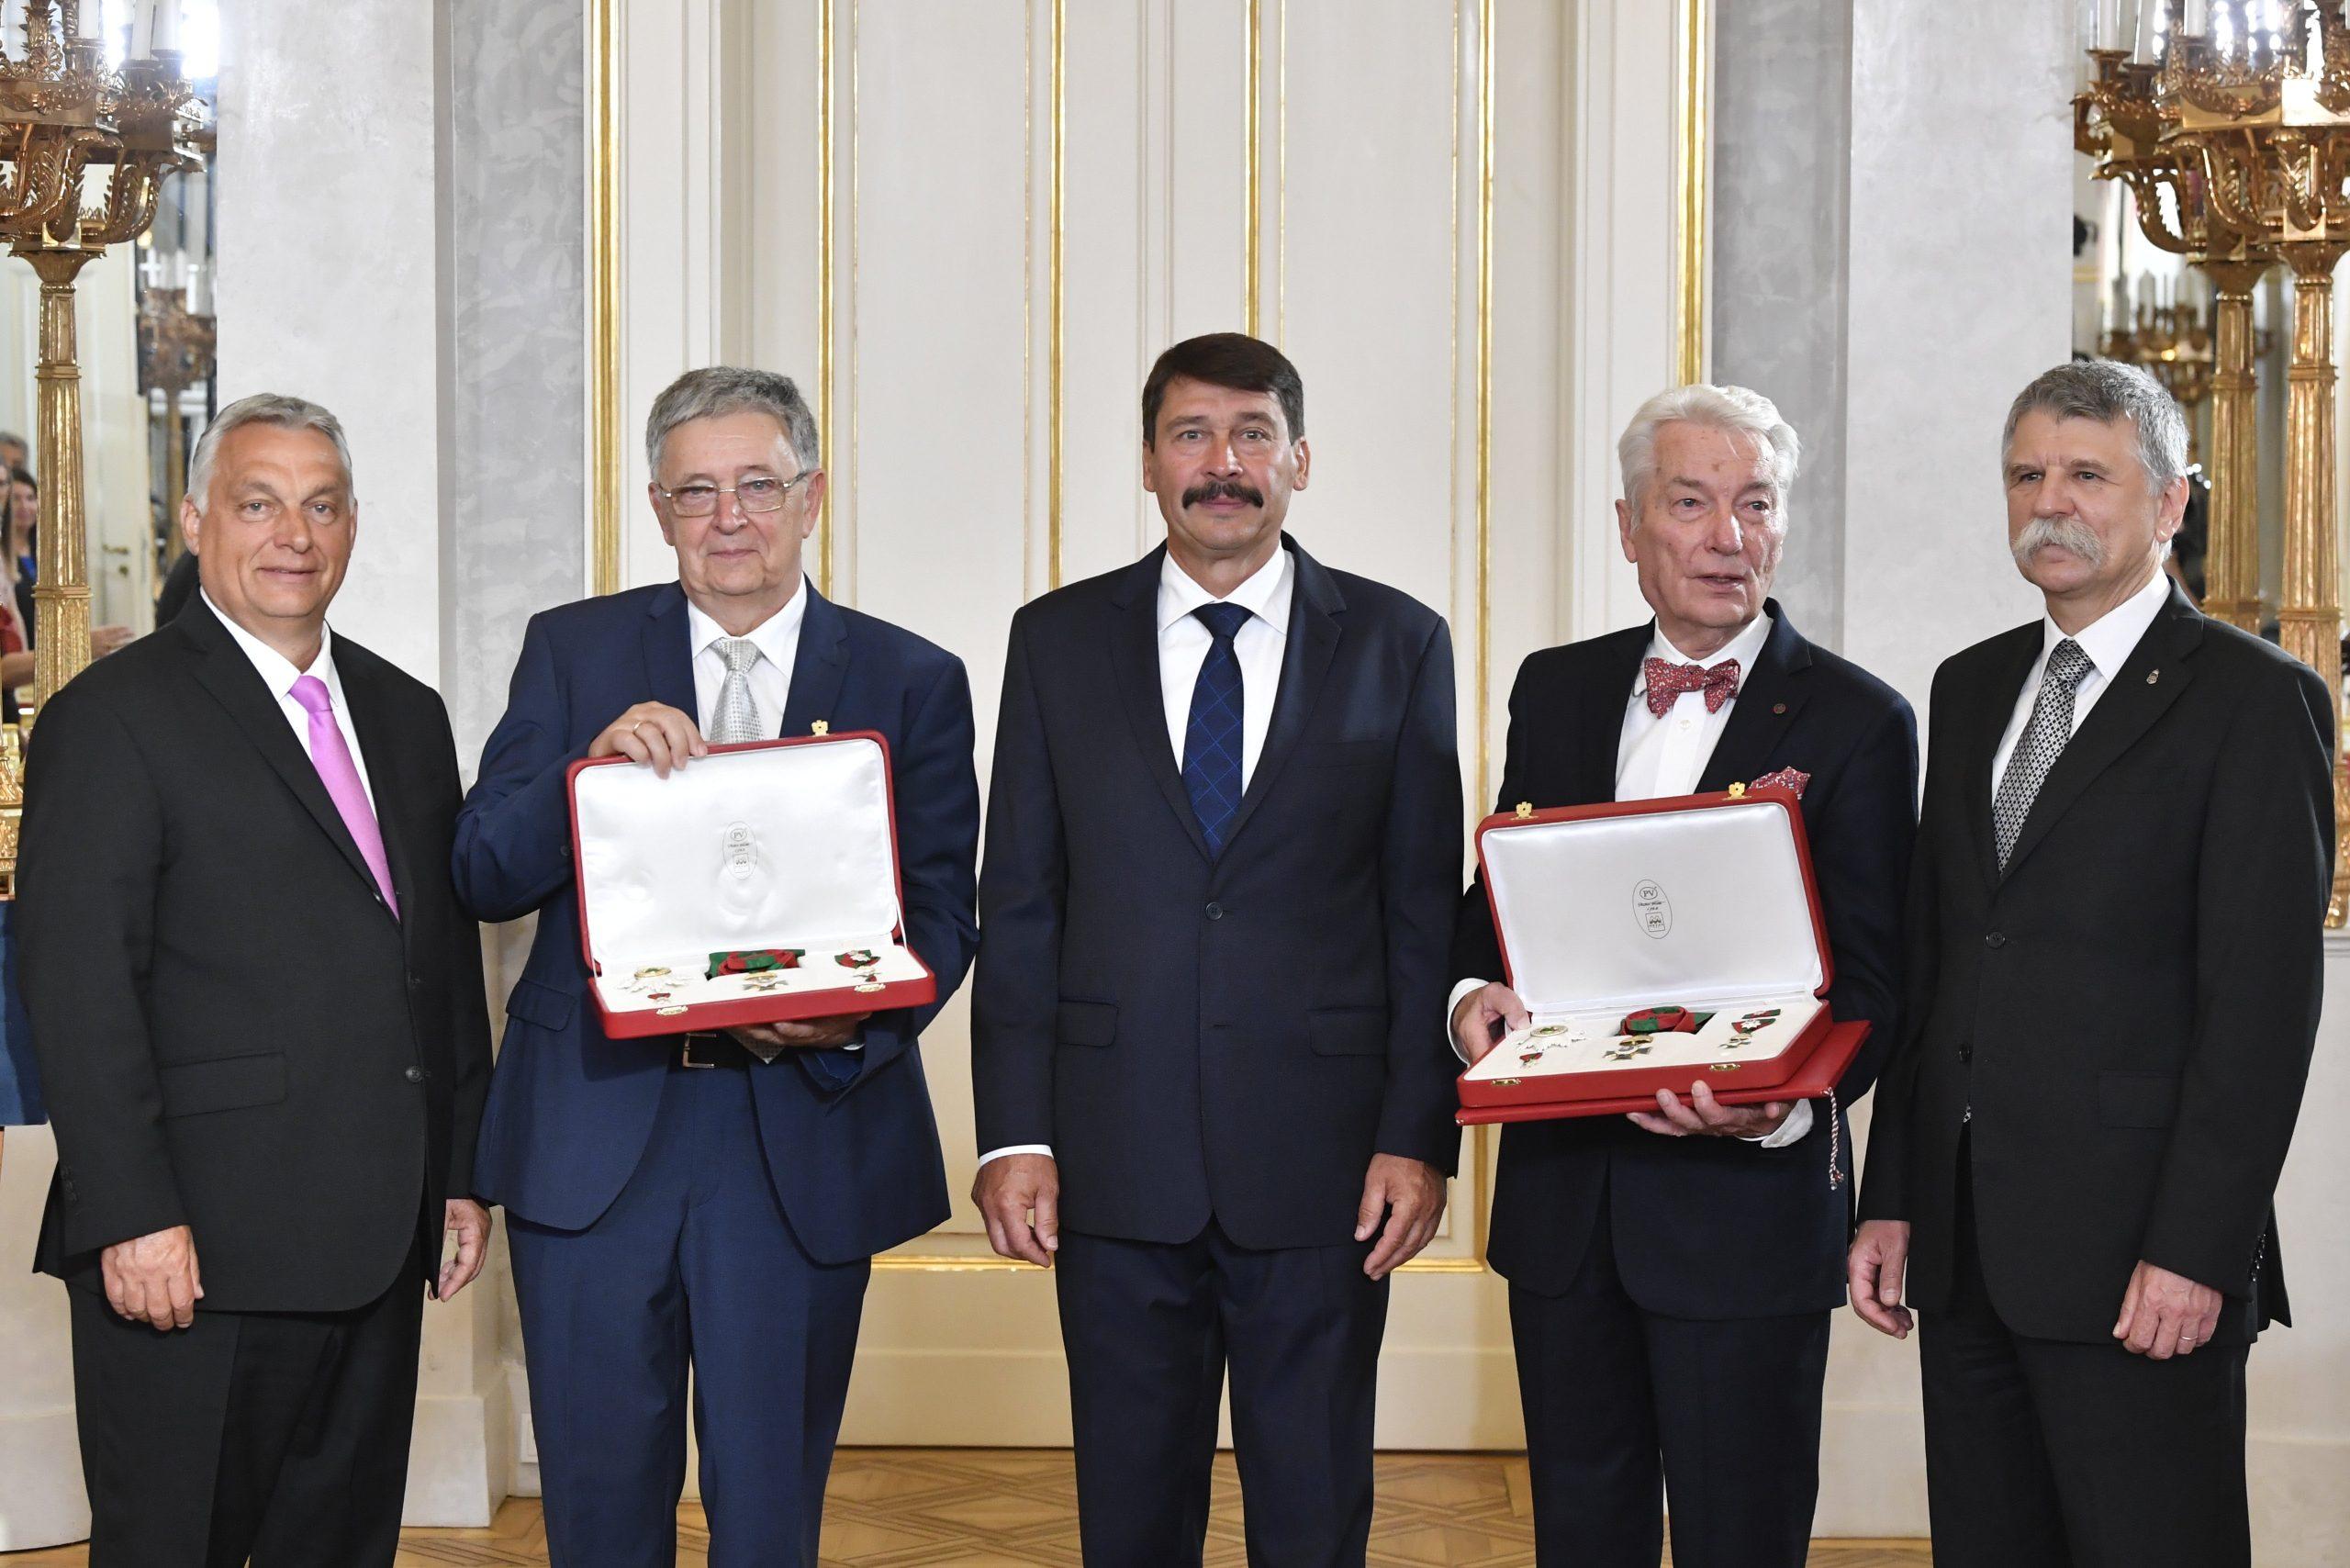 Professor E. Sylvester Vizi und László Lovász erhalten den ungarischen Sankt-Stephan-Orden, die höchste Auszeichnung Ungarns